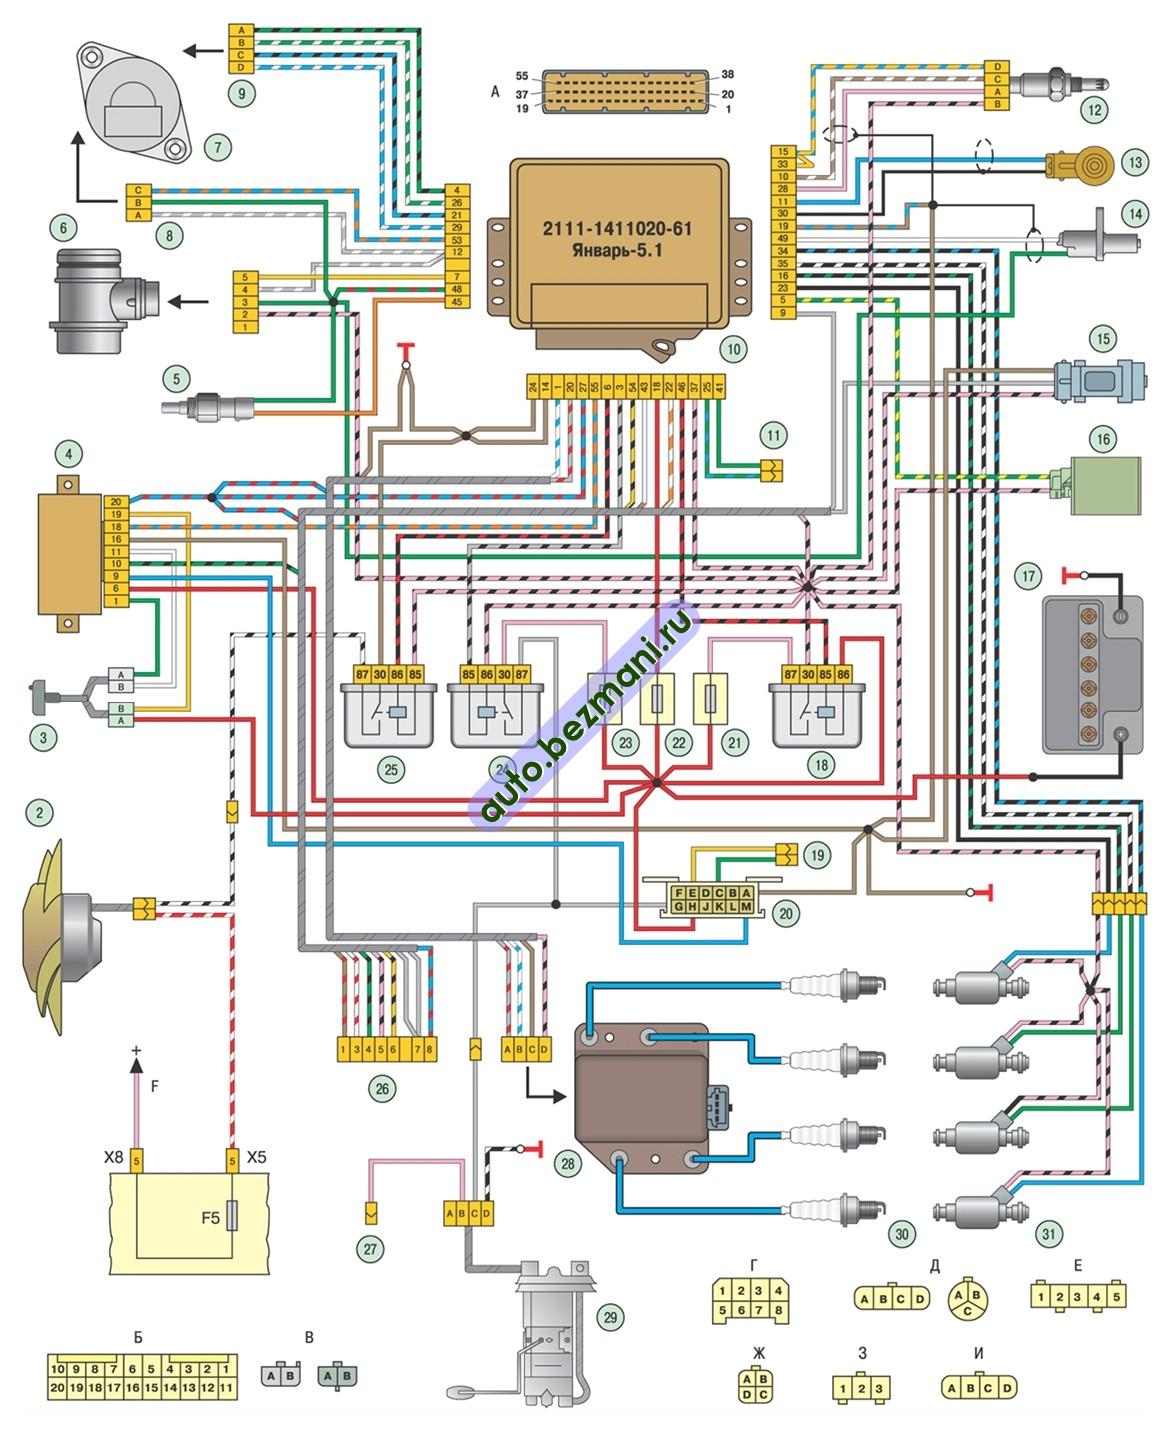 система управления двигателем ВАЗ-2111 с распределённым впрыском топлива на автомобилях ВАЗ-2113, ВАЗ-2114, ВАЗ-2115